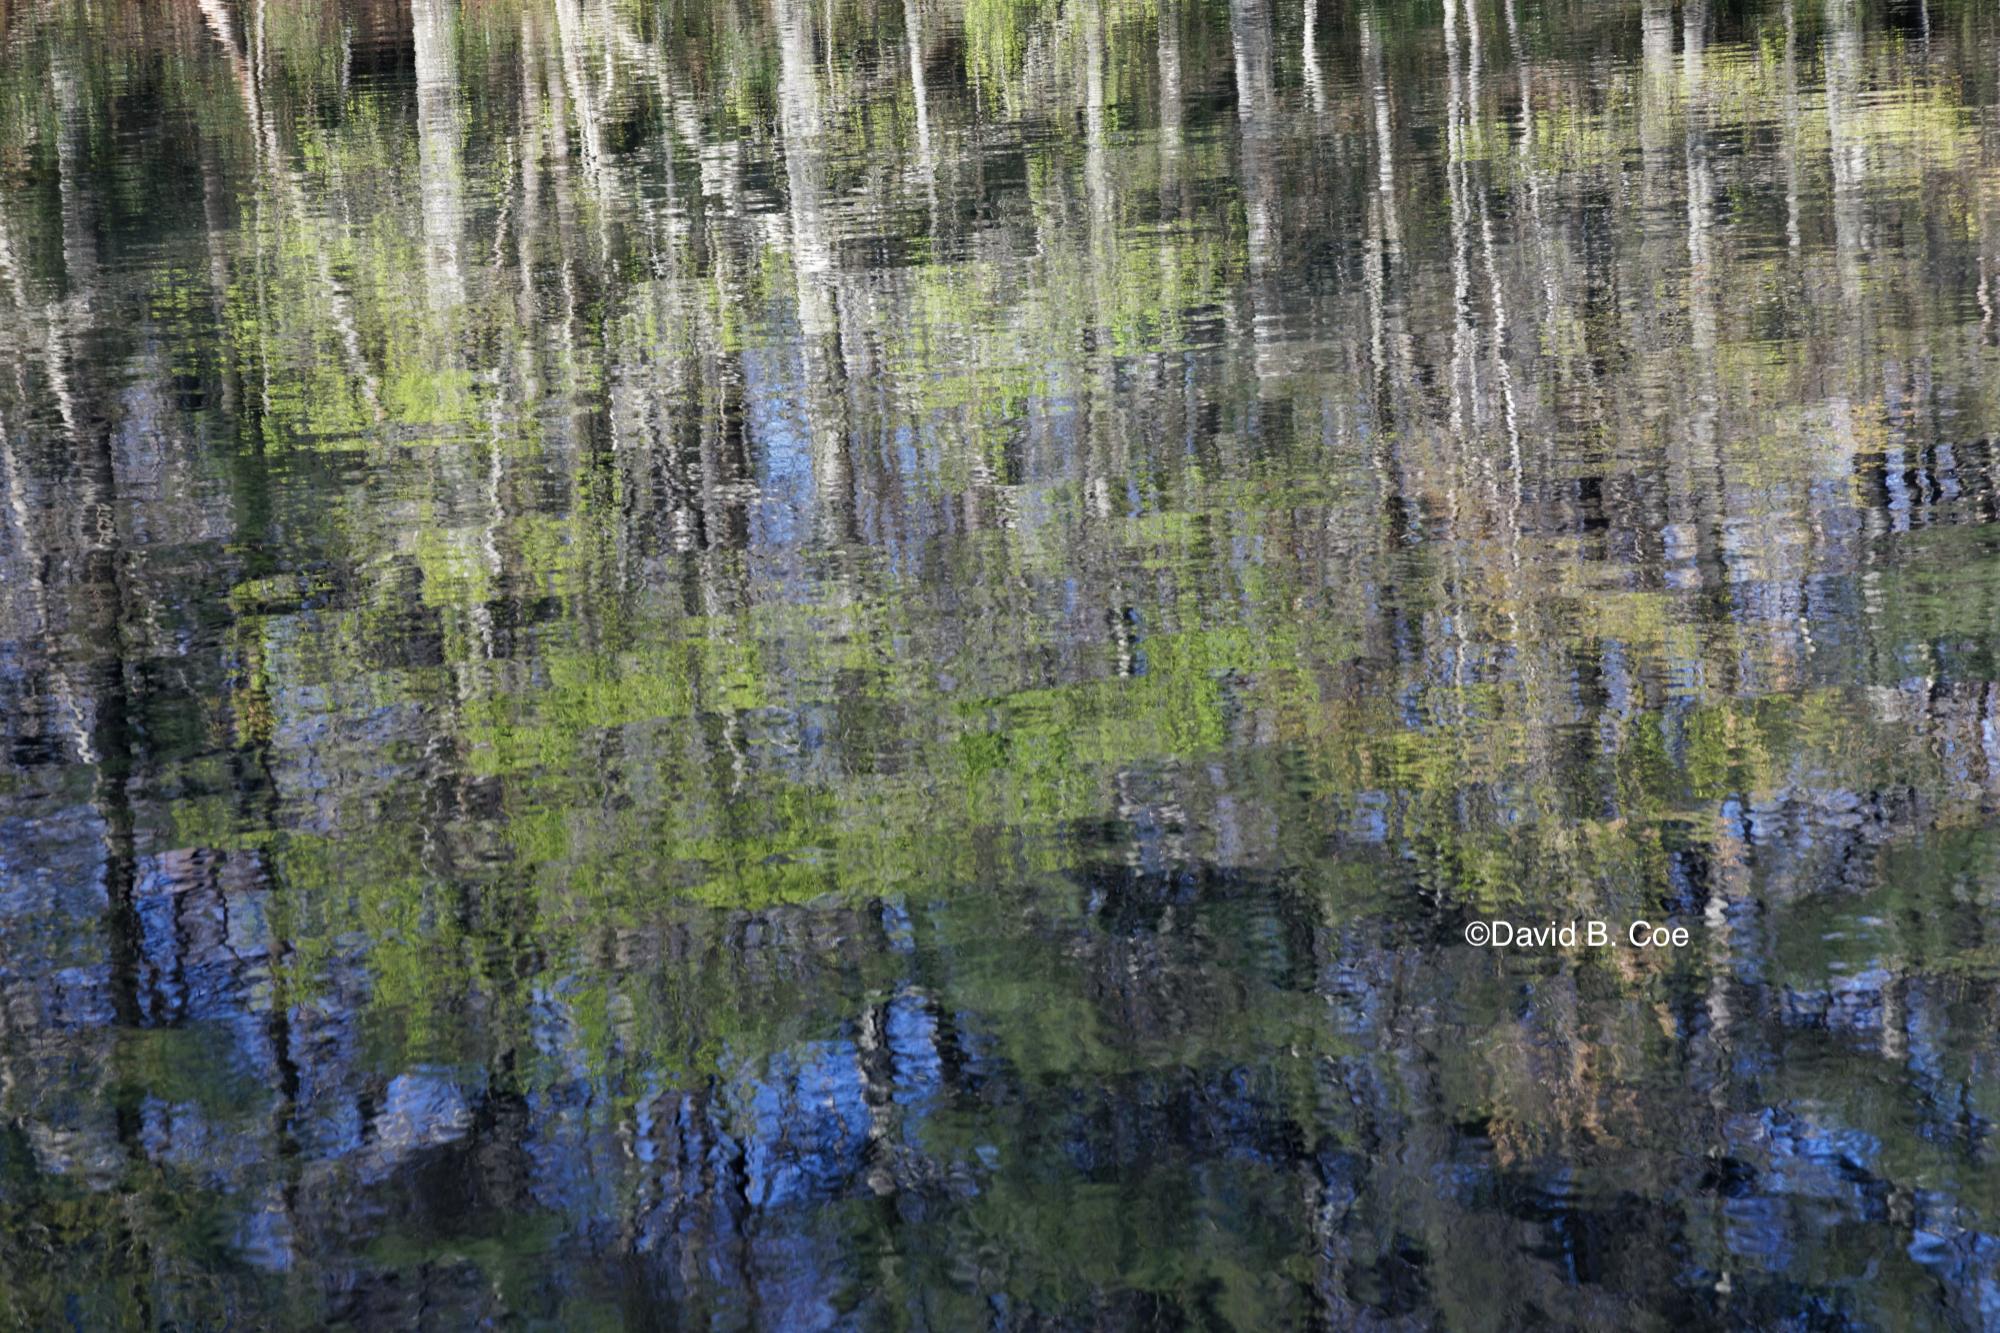 Lake Reflections, Spring, by David B. Coe